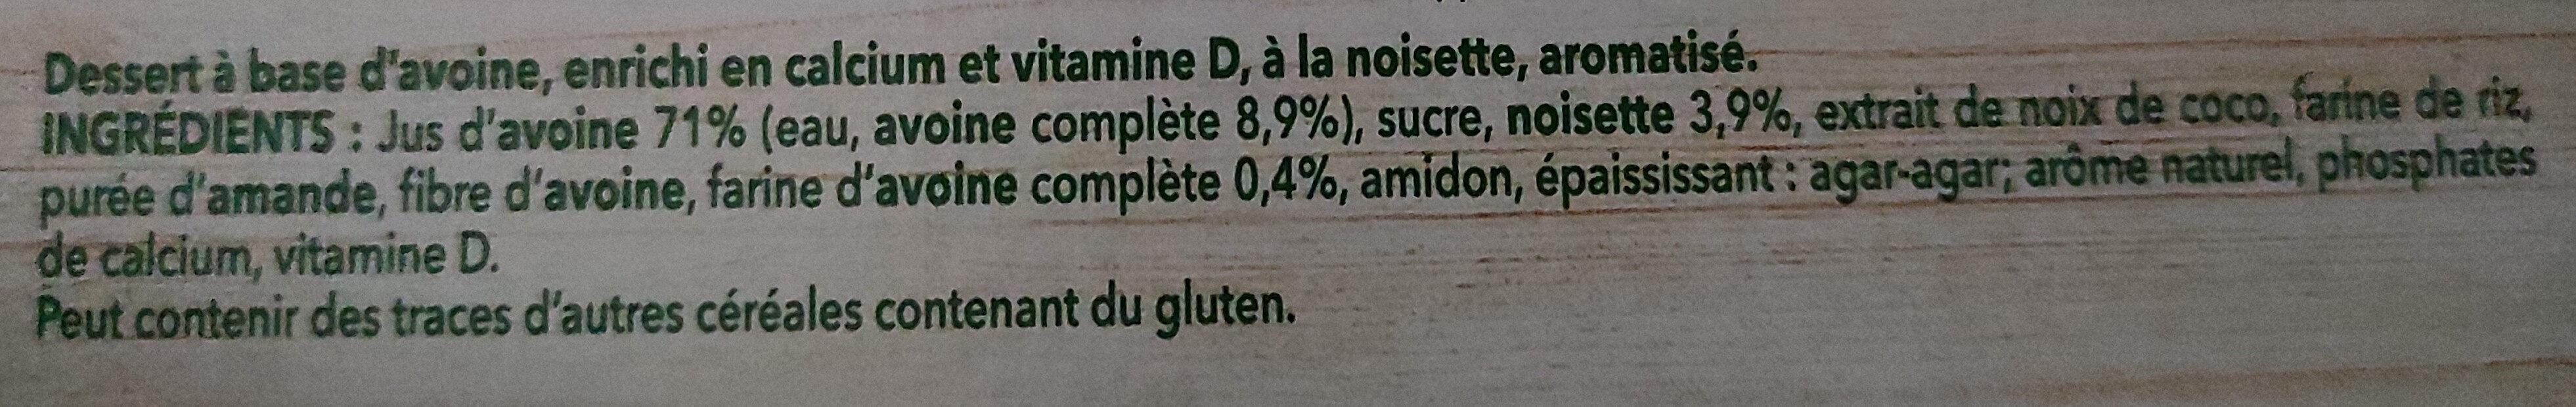 Dessert végétal noisette à l'avoine 4x100g - Ingrédients - fr